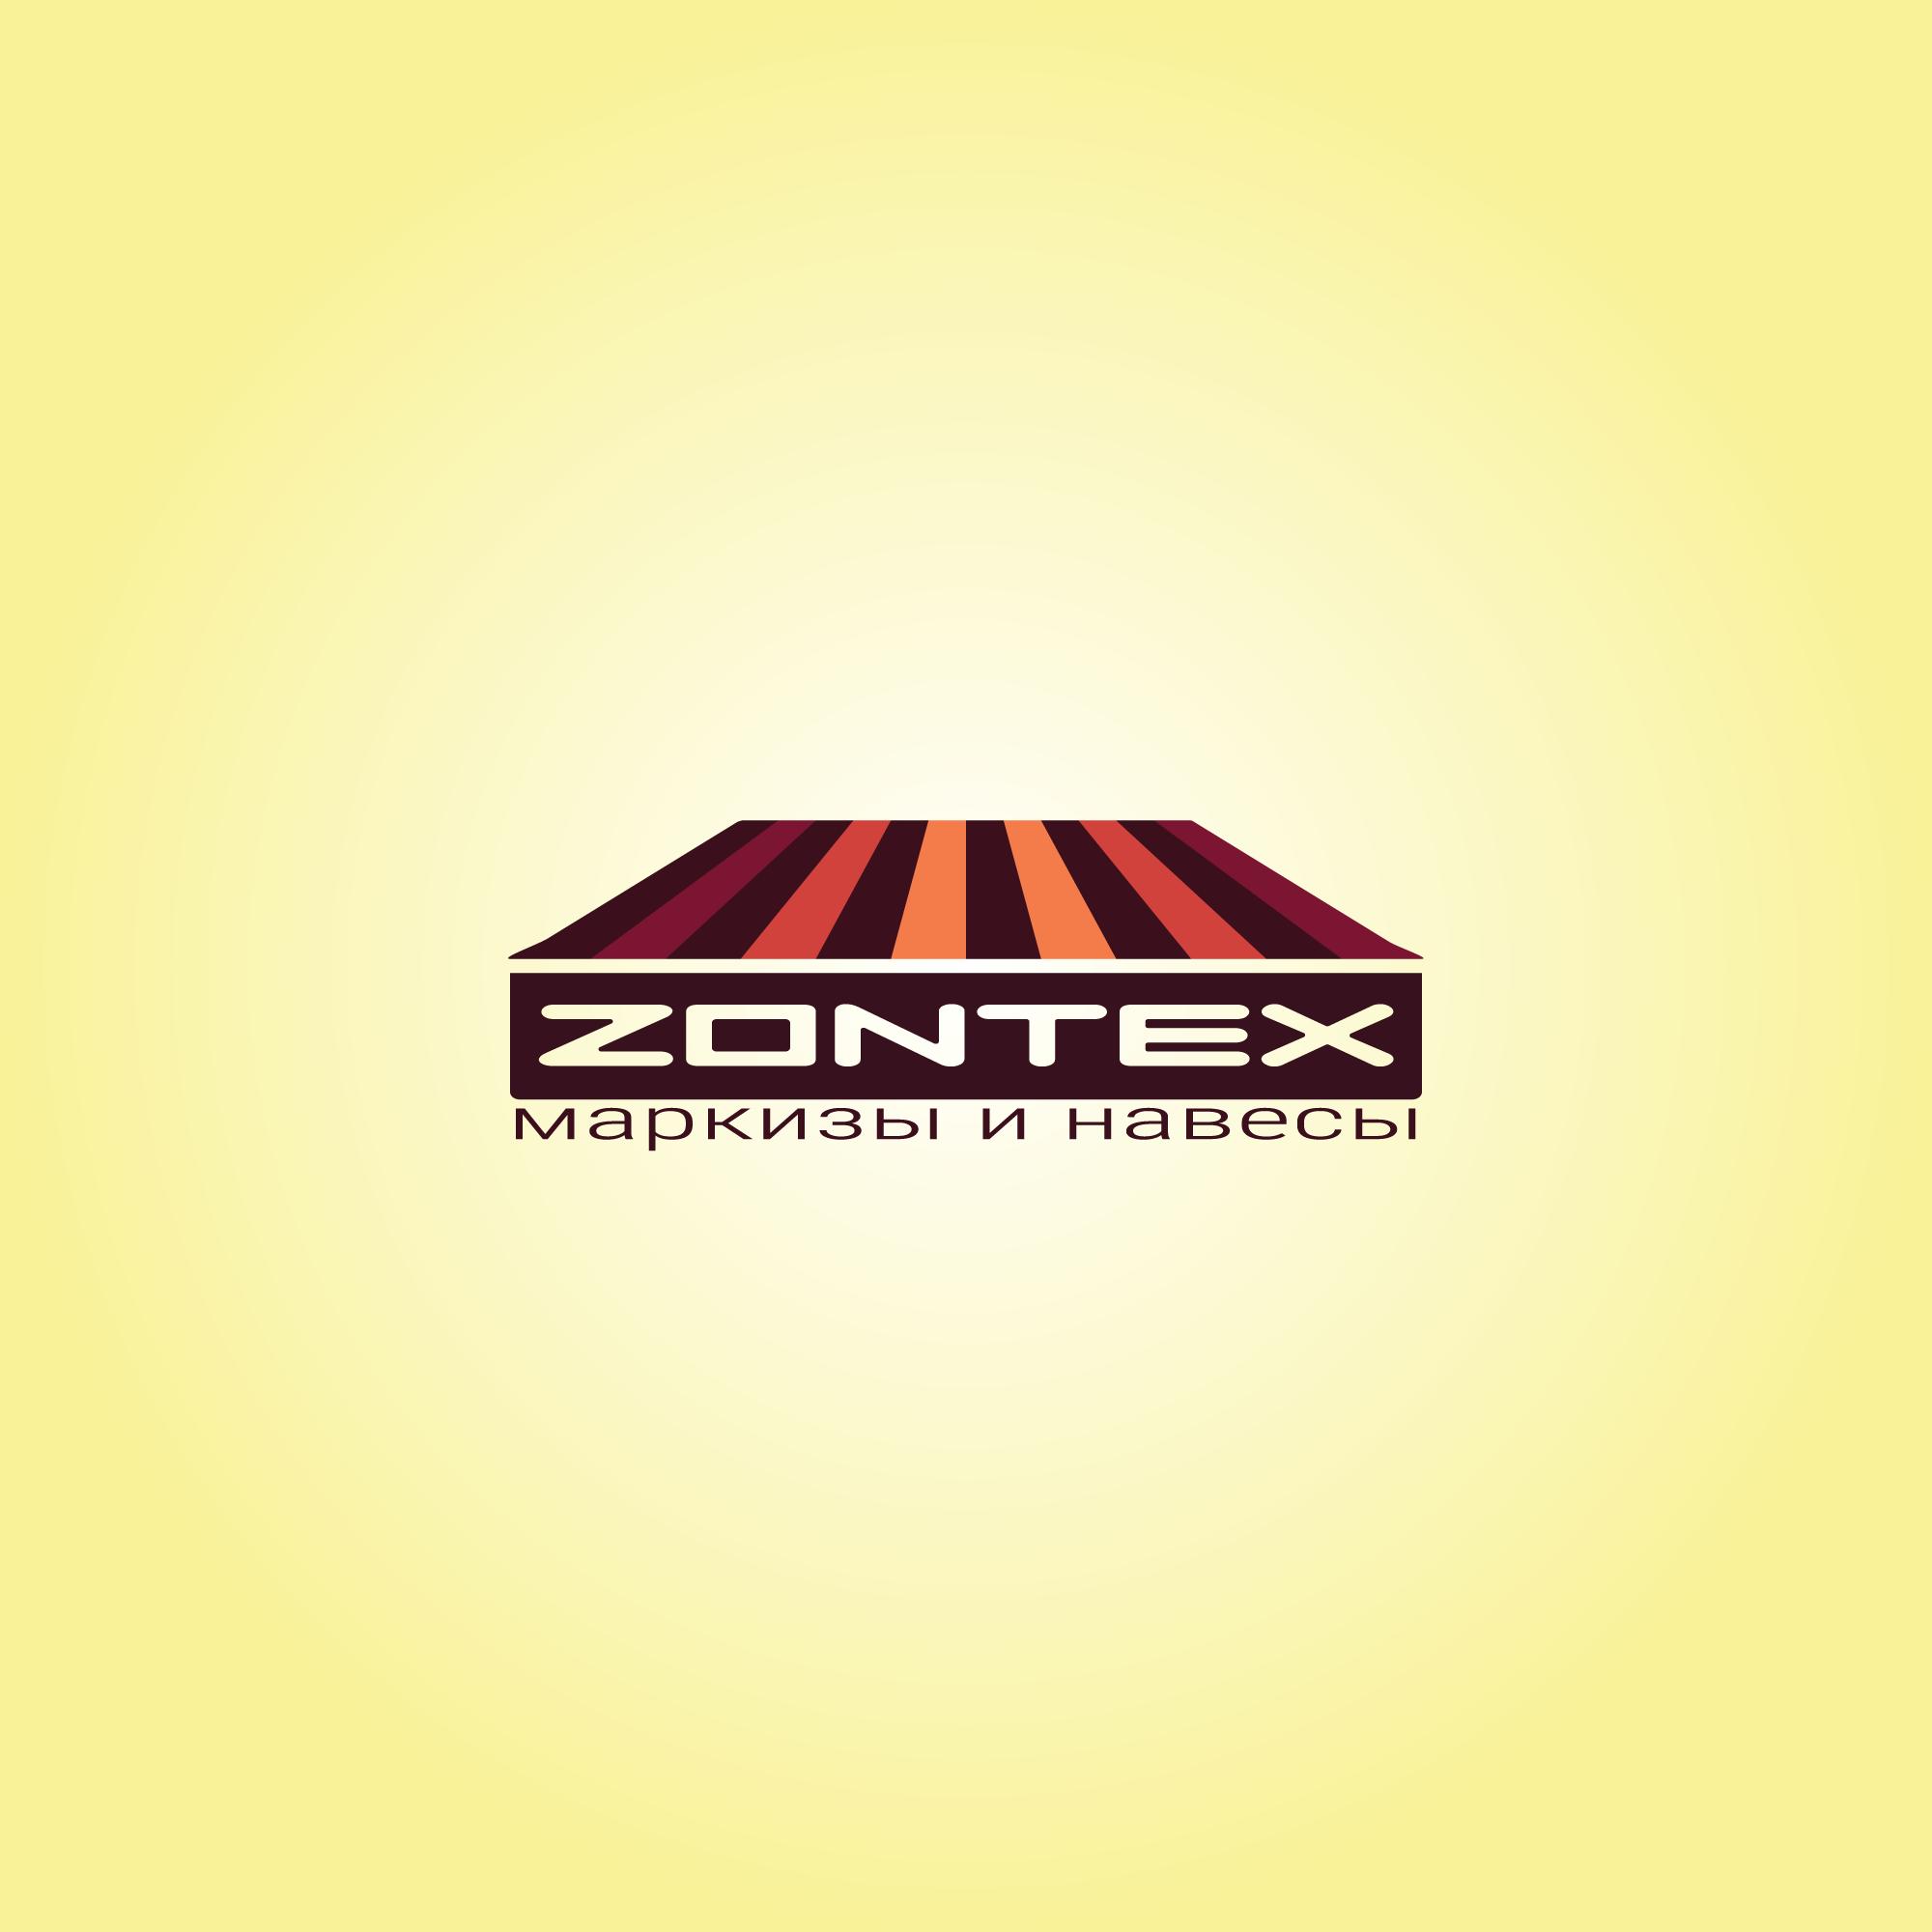 Логотип для интернет проекта фото f_6565a2bda8774ac4.png